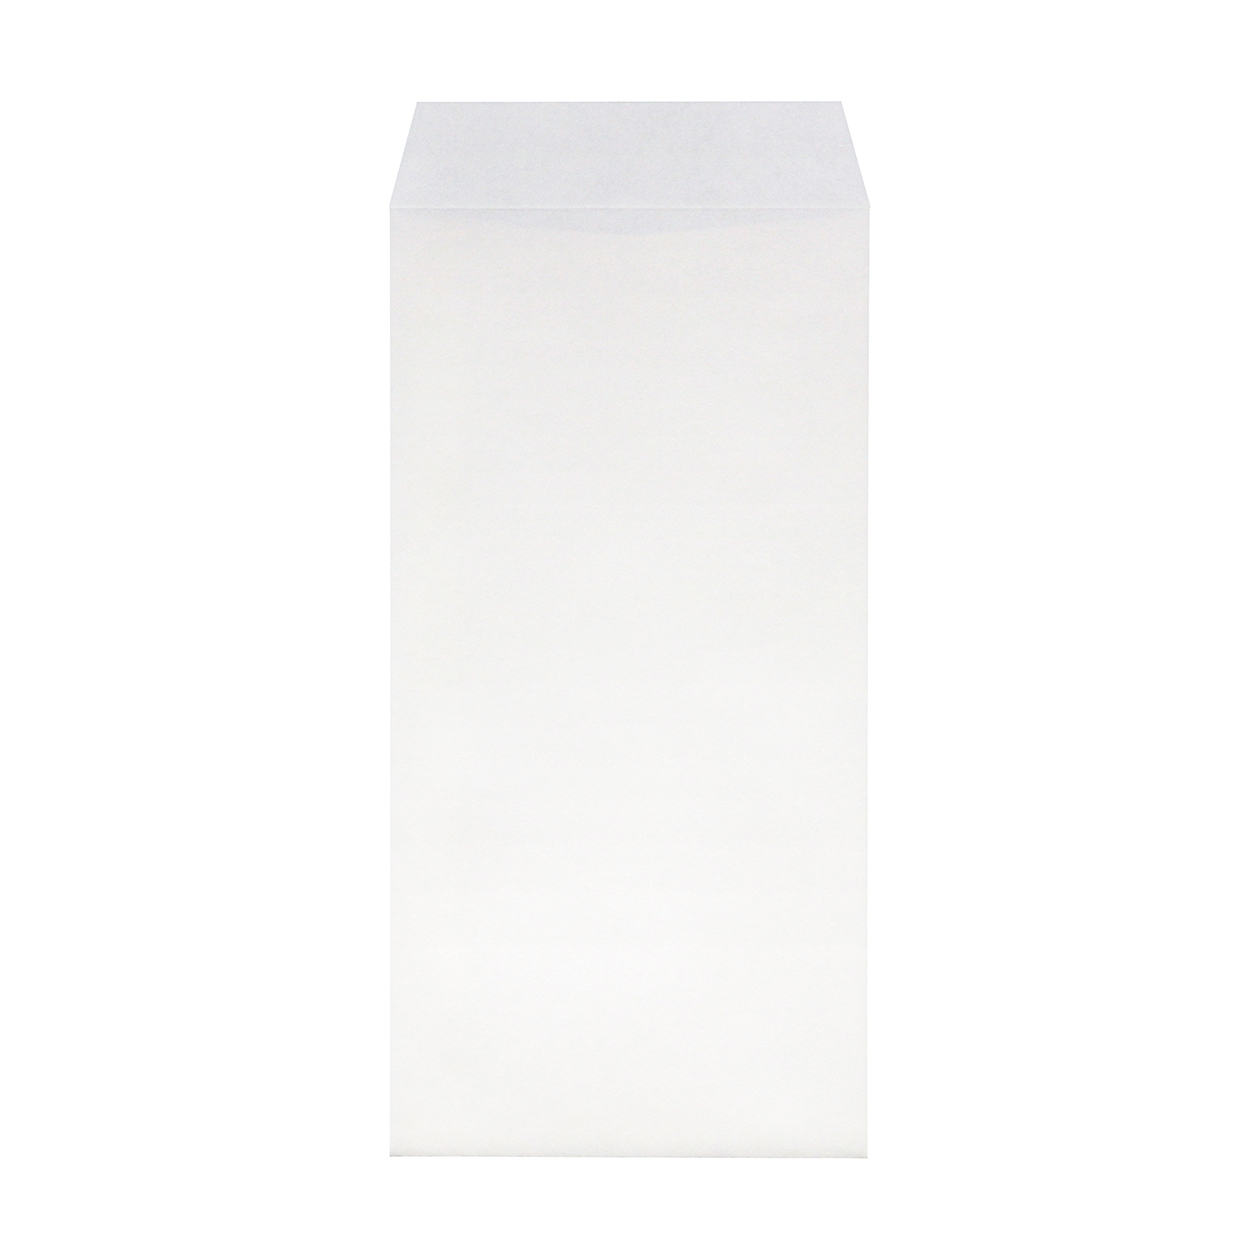 長3封筒 HAGURUMA Basic プレインホワイト 100g